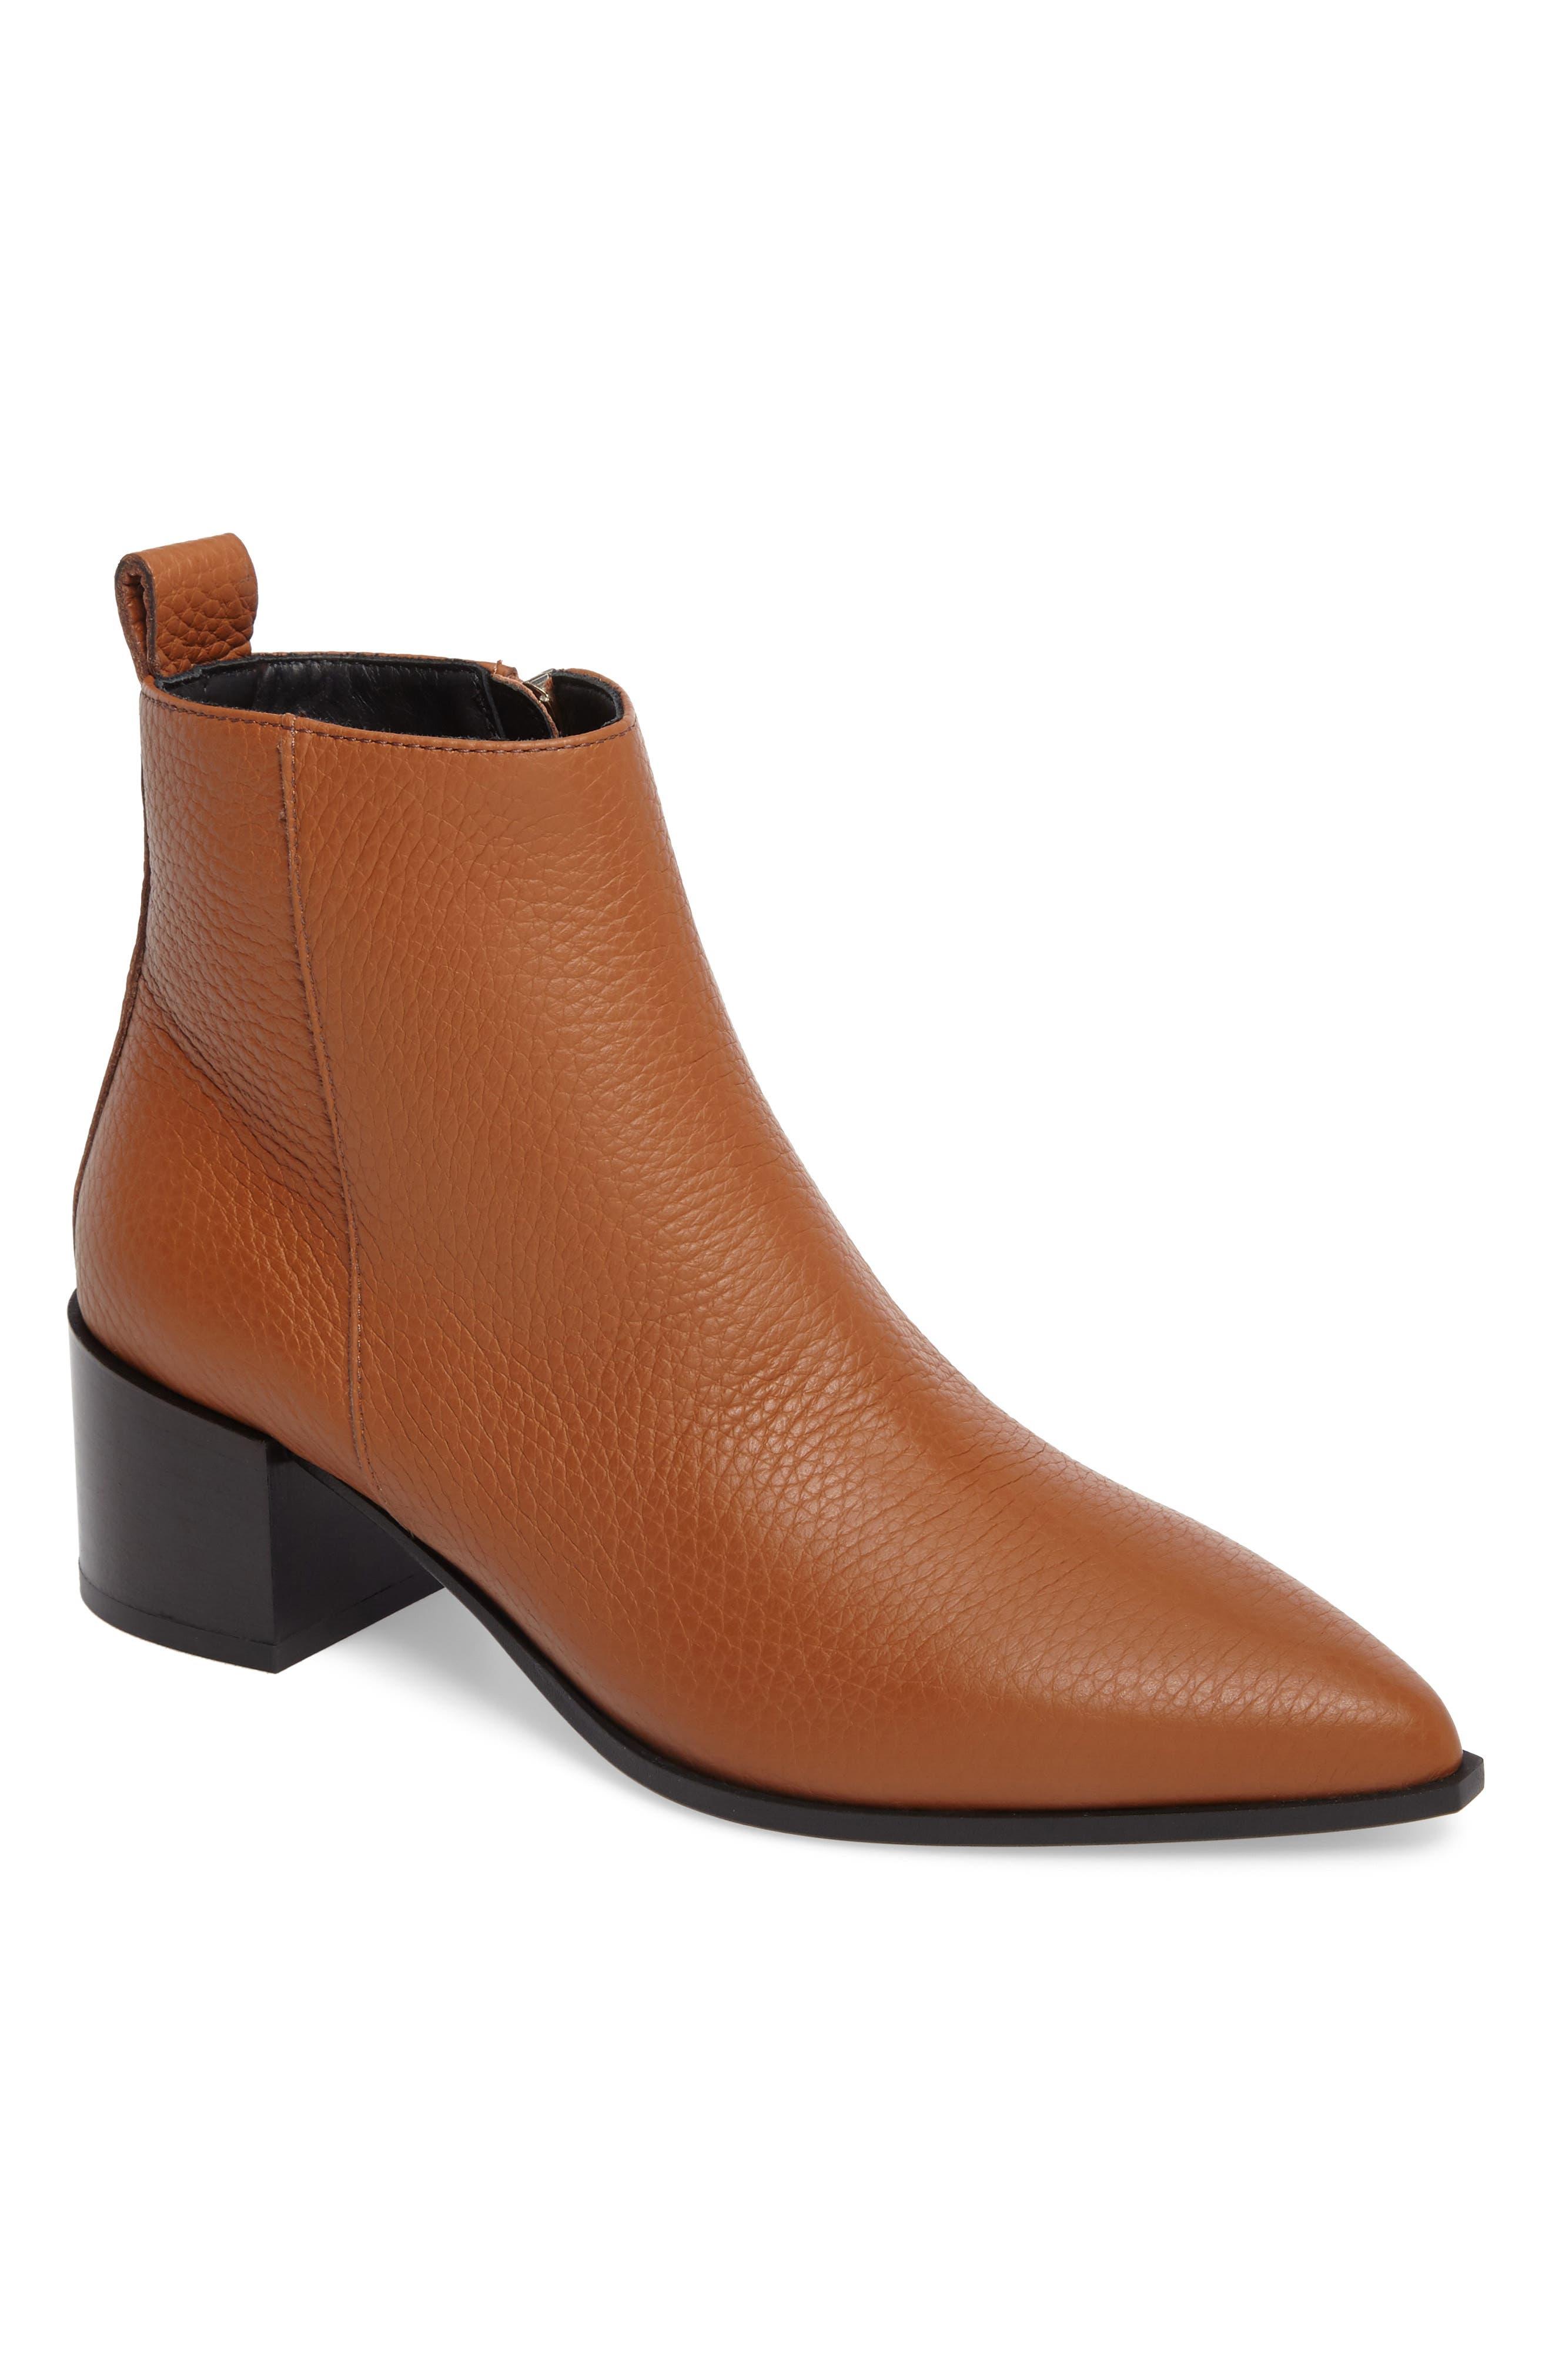 Alternate Image 1 Selected - Everlane The Boss Boot (Women)